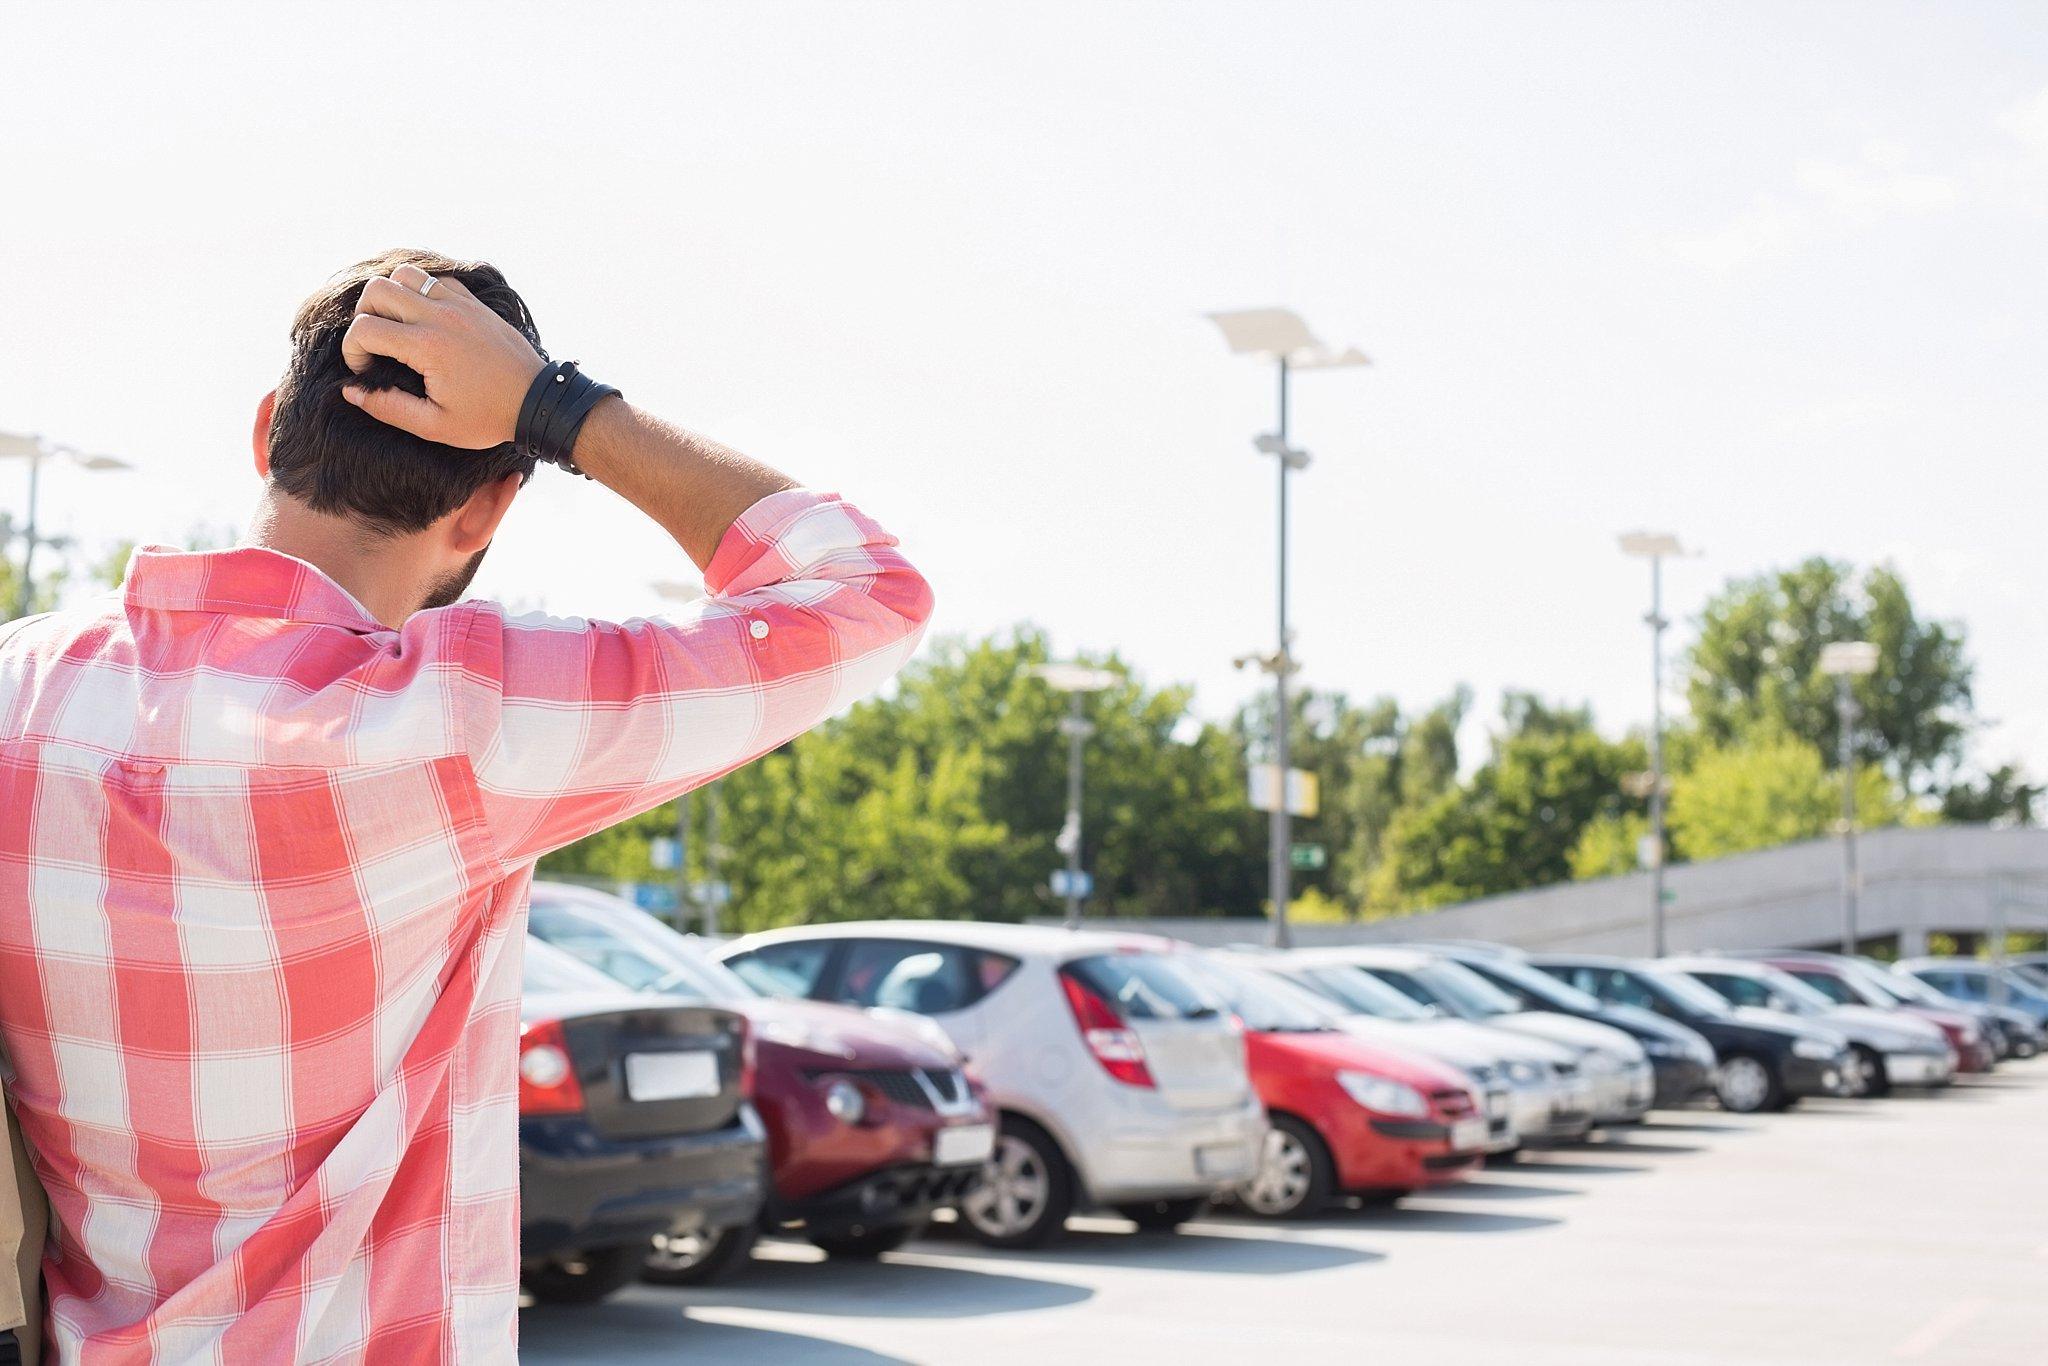 God Answered Prayer in Parking Lot - Shoulder Taps